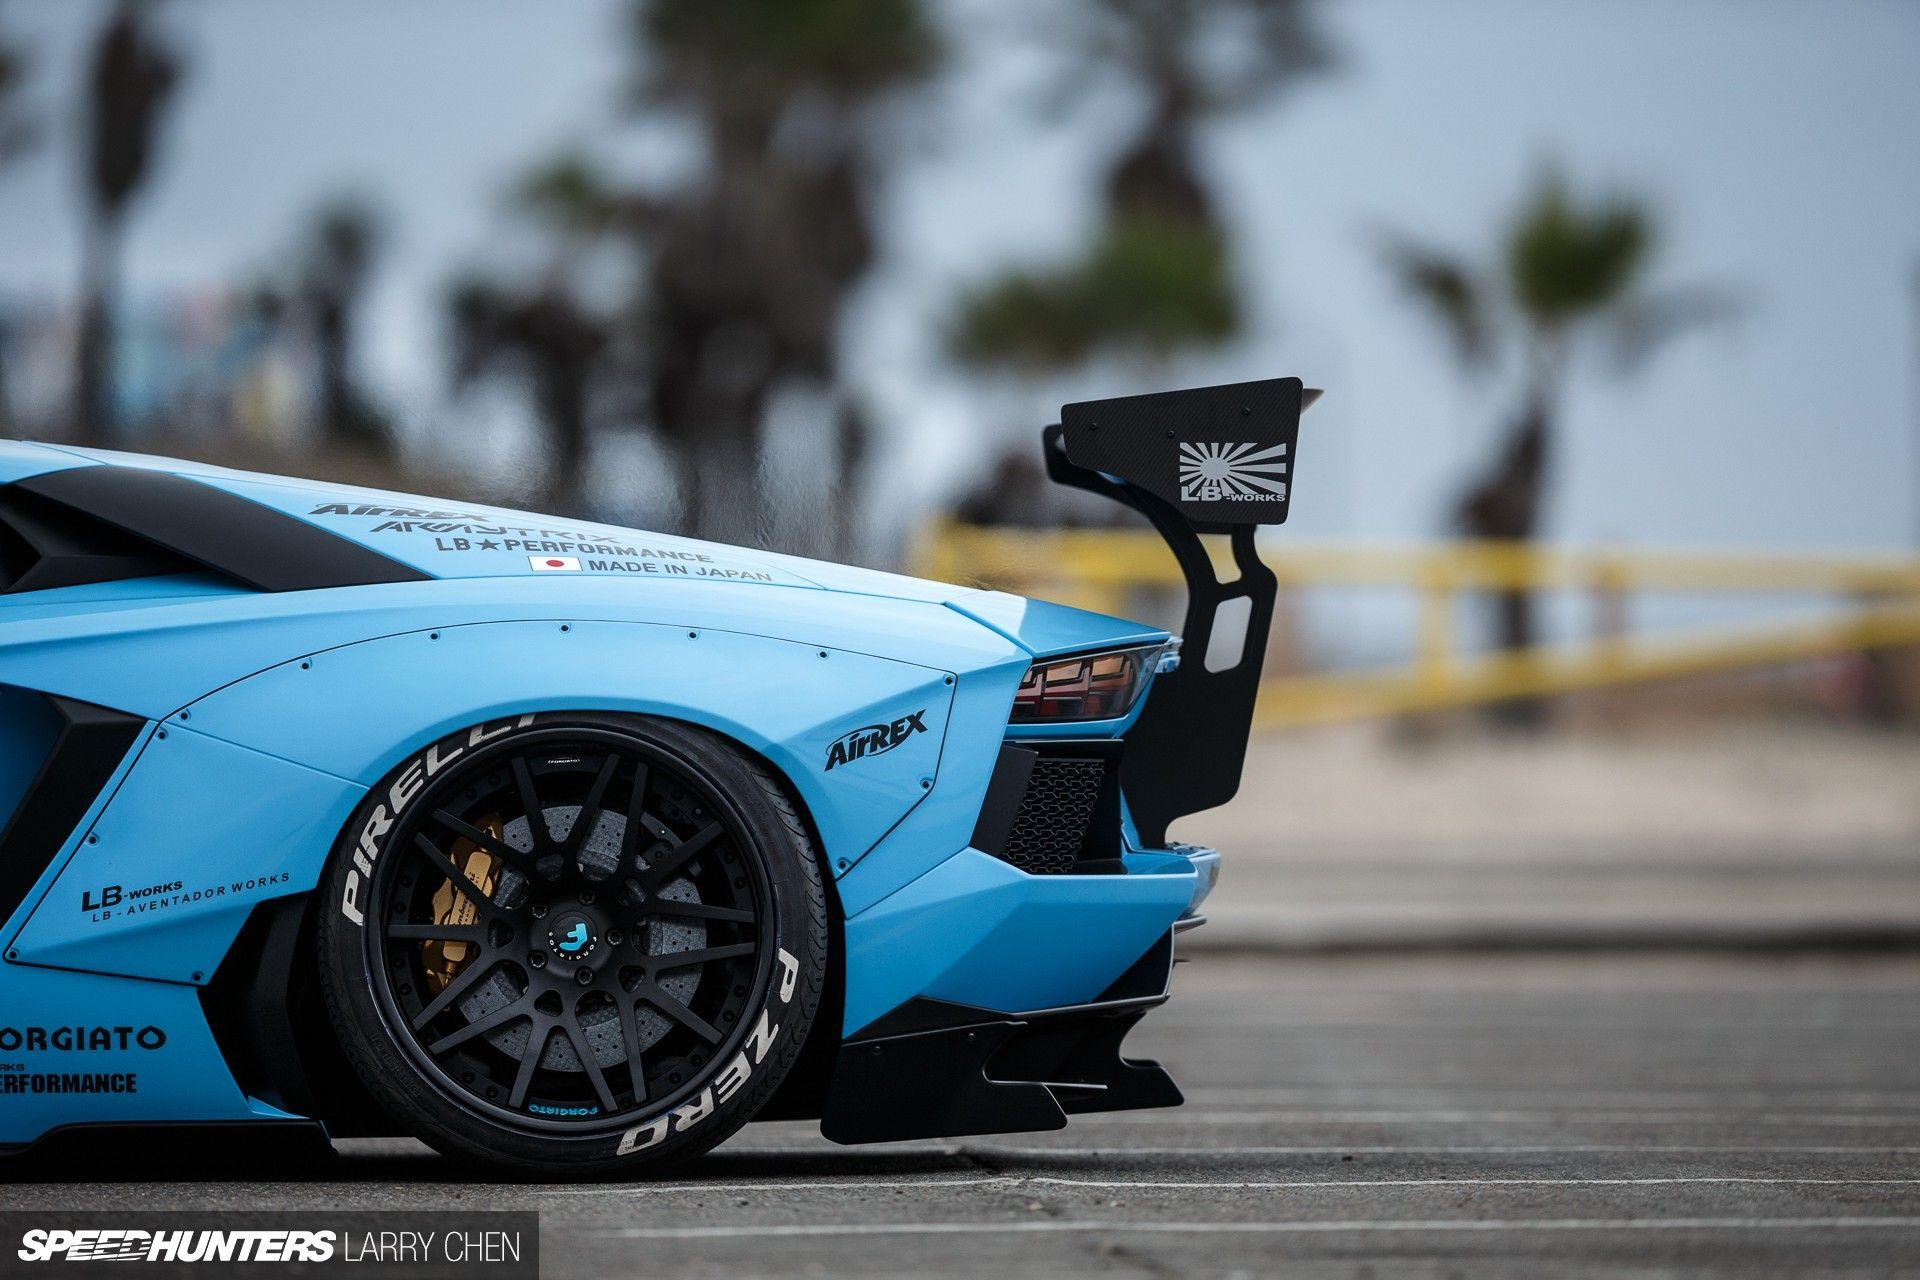 #cars, #Lamborghini, #Lamborghini Aventador, #Aventador, #LB Works, #Liberty Walk, #blue   Wallpaper No. 139891 - wallhaven.cc